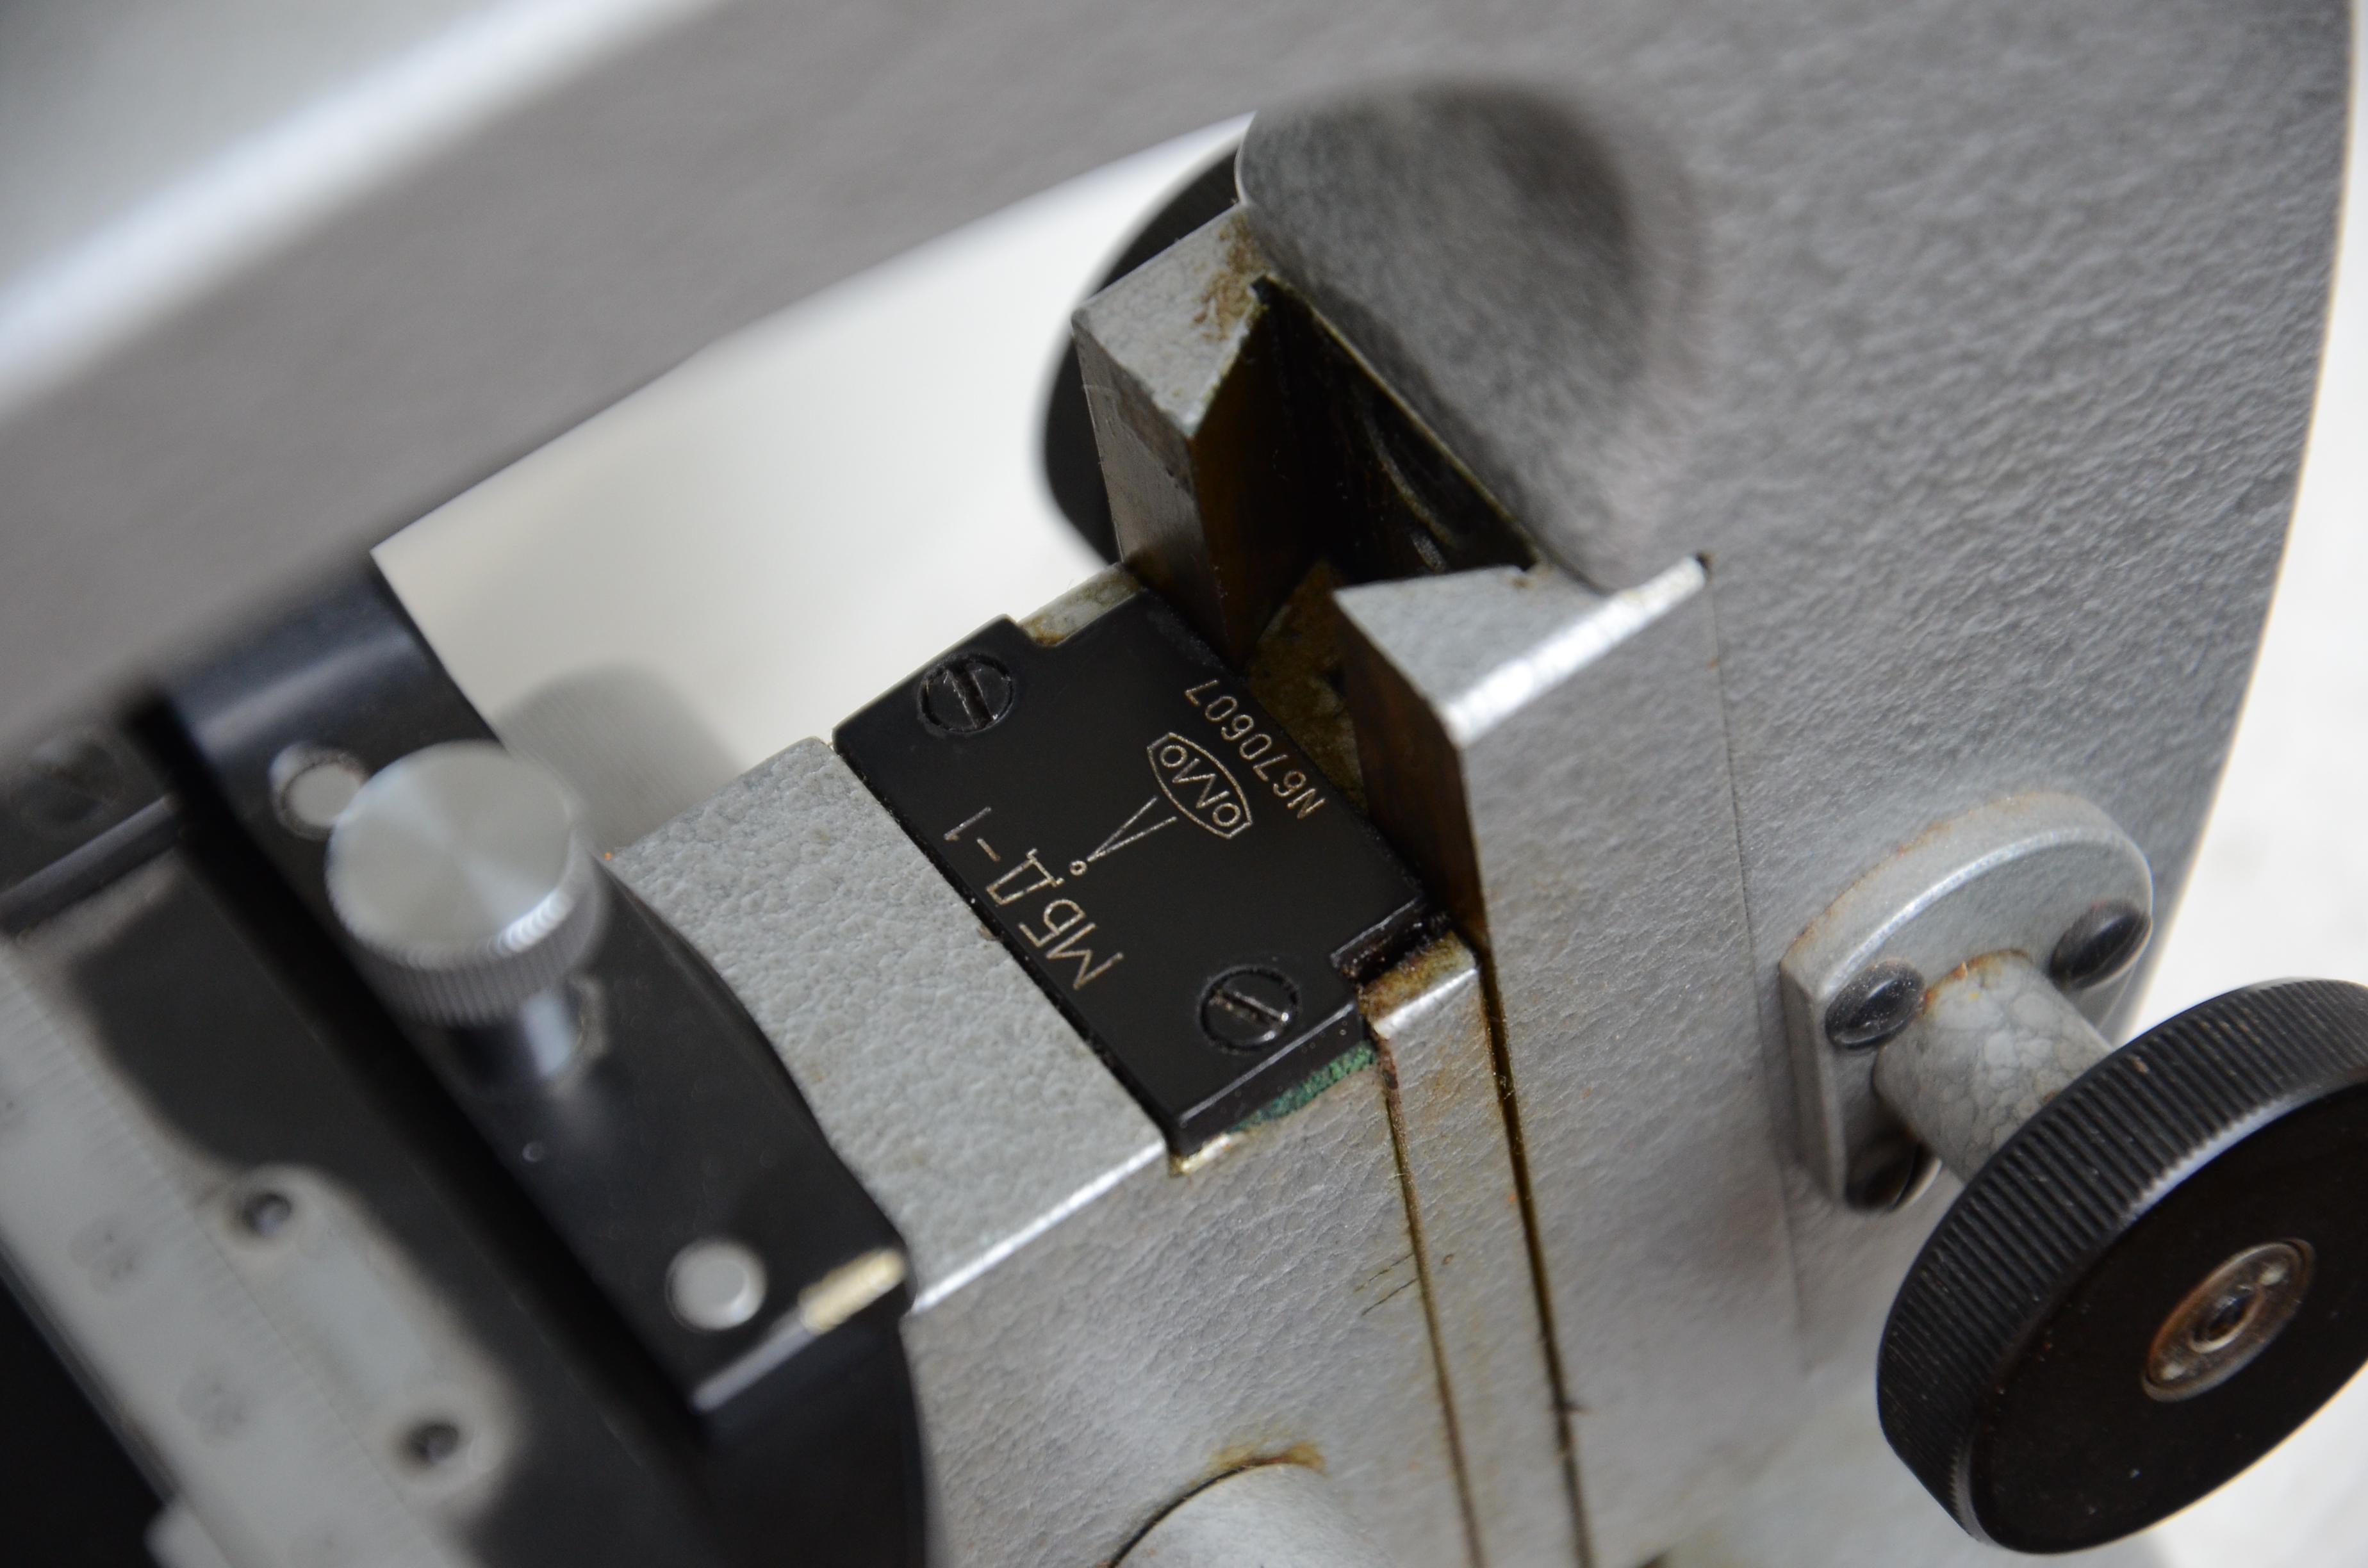 микроскоп биологический дорожный МБД-1 фото номера